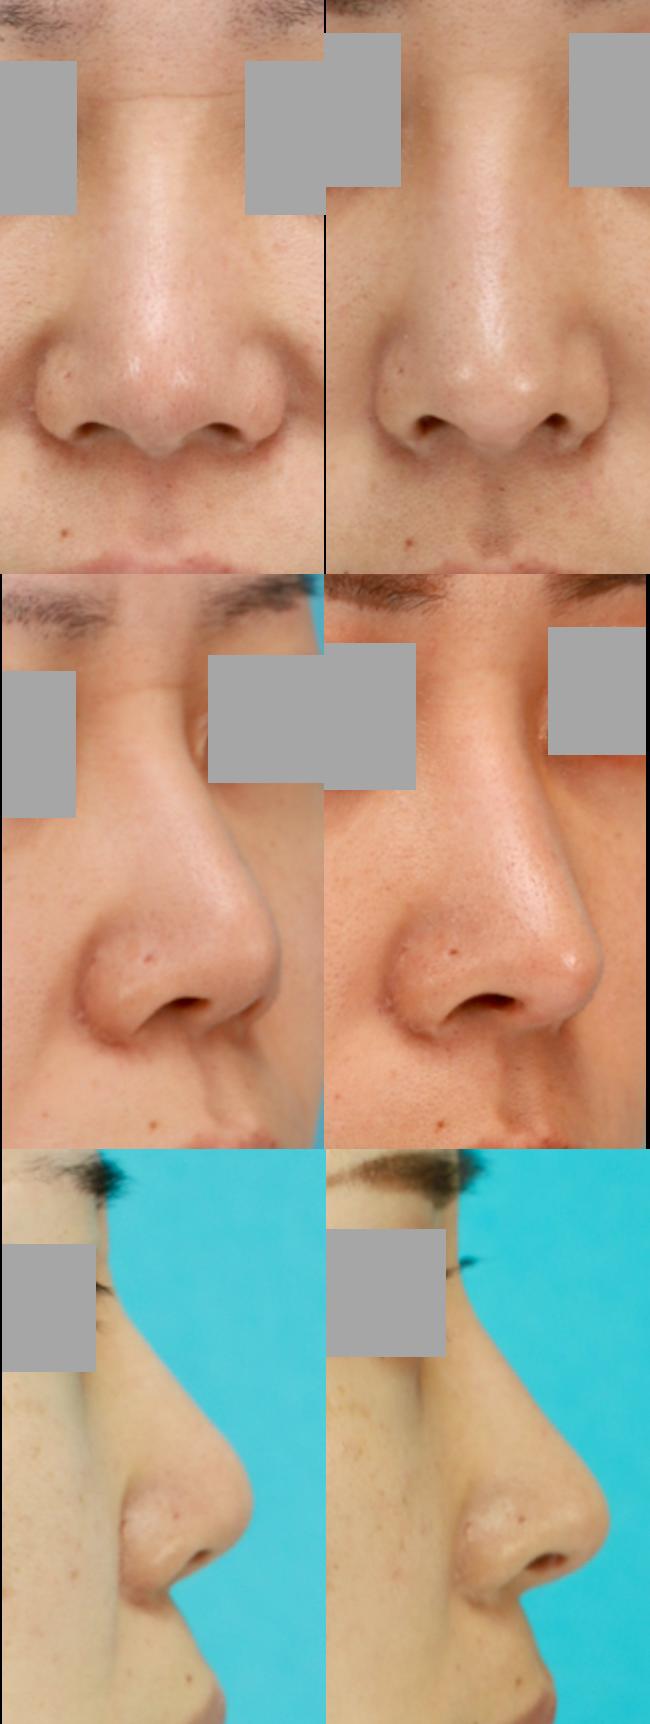 鼻中隔延長術 隆鼻術 術後4ヶ月 拡大